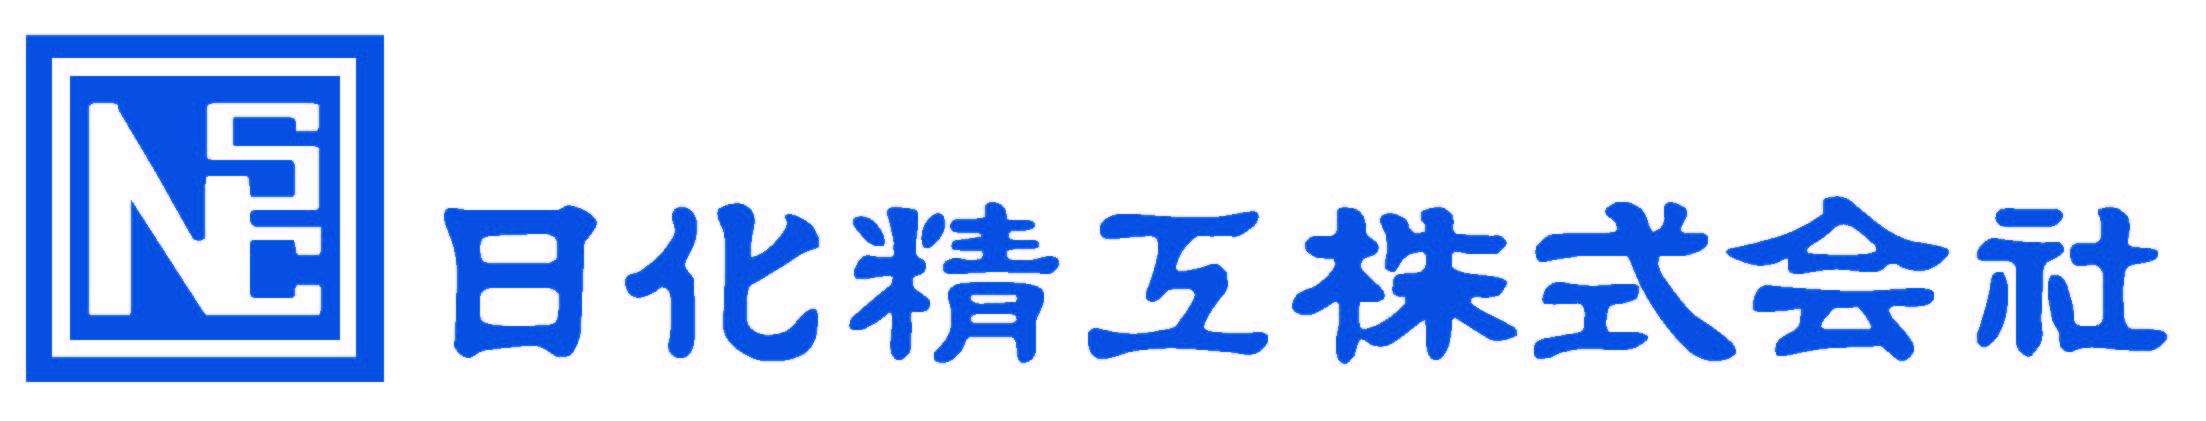 日化精工株式会社